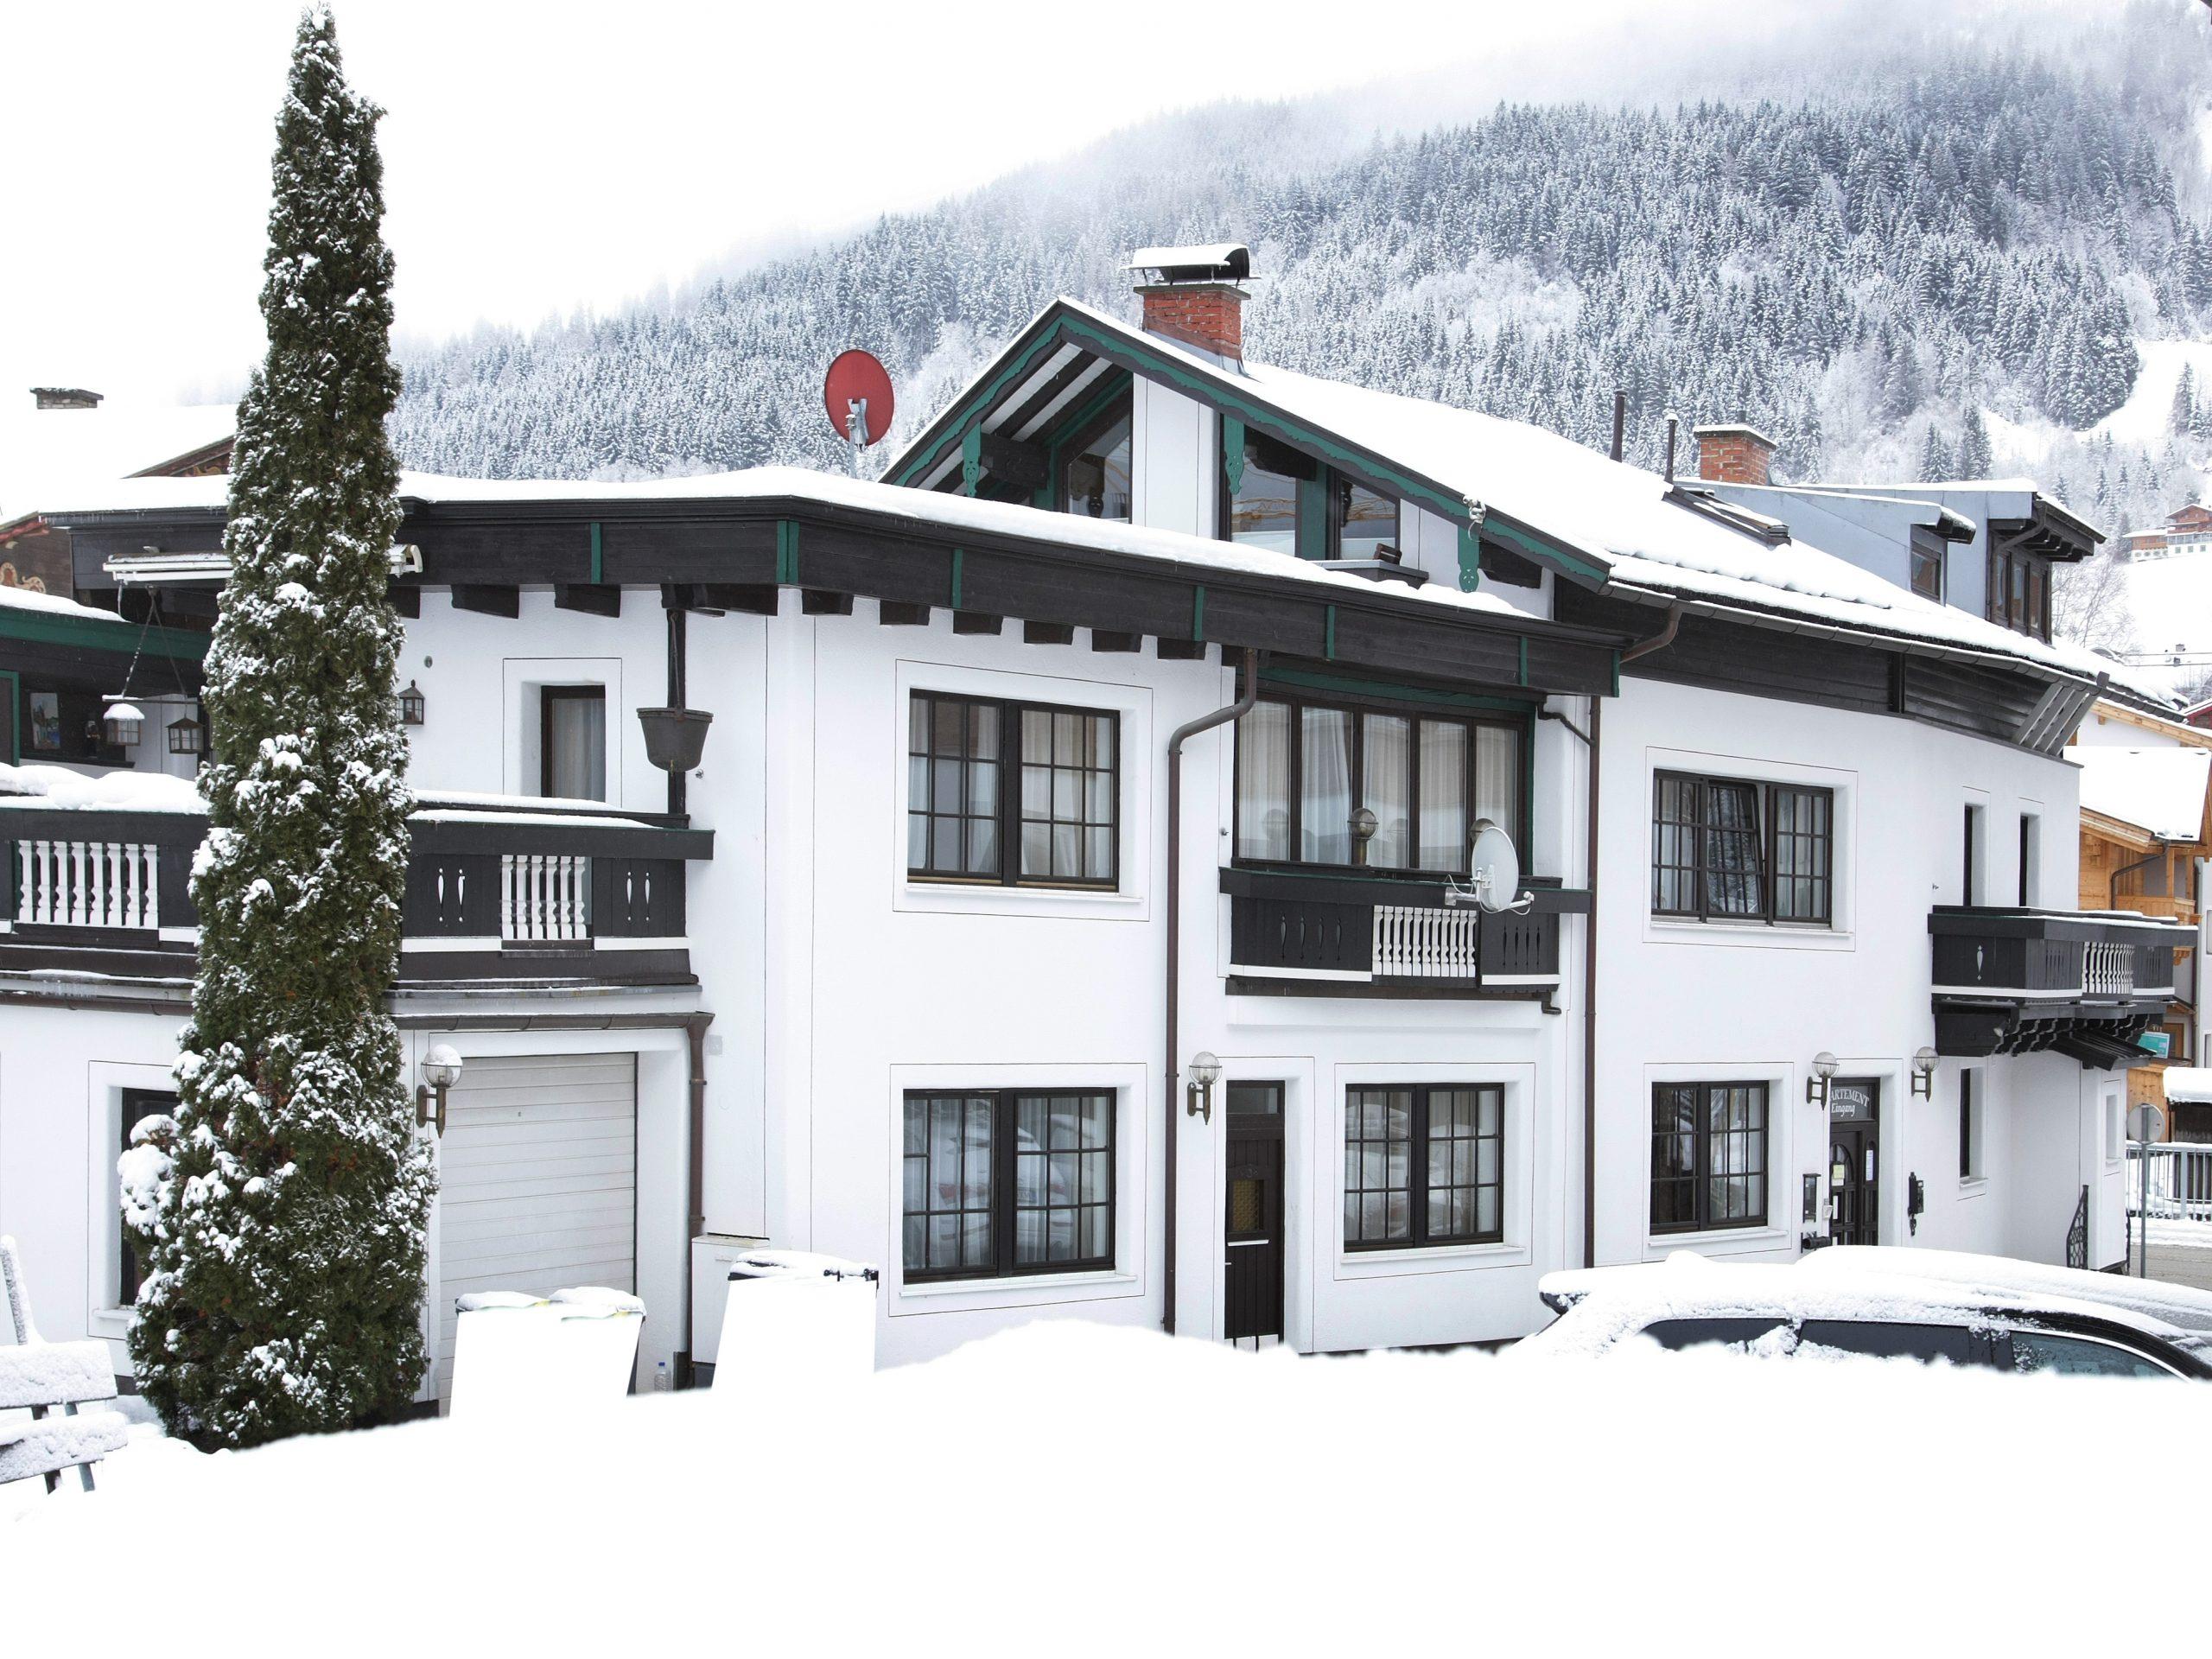 Appartement Schönpflug Grossglockner - 8 personen